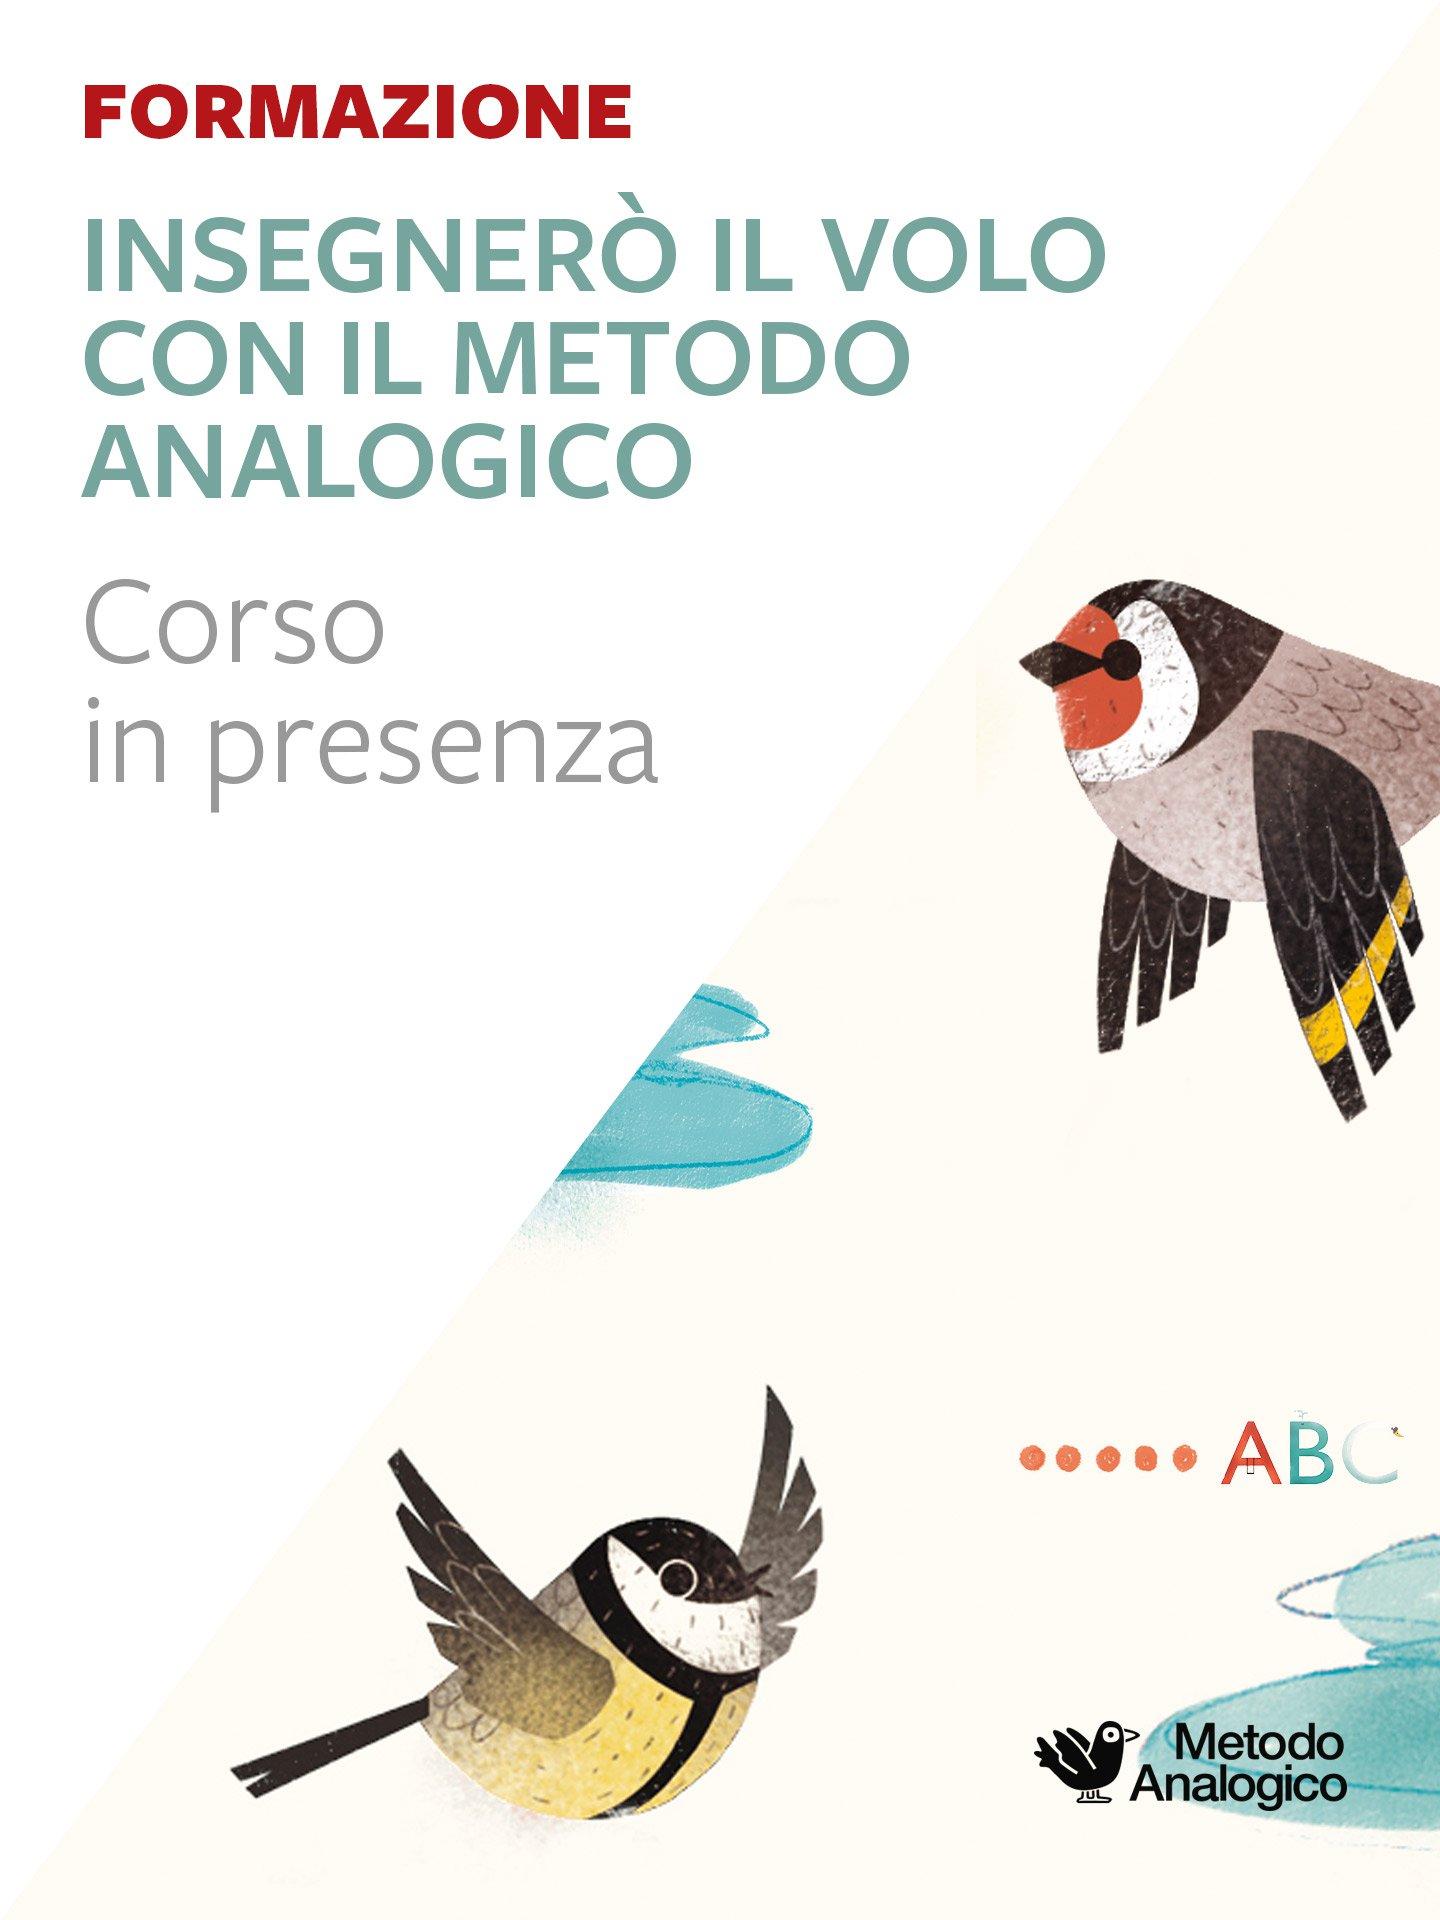 Insegnerò al volo con il Metodo Analogico – Matematica e italiano TREVISO - Metodo Analogico Formazione - Erickson